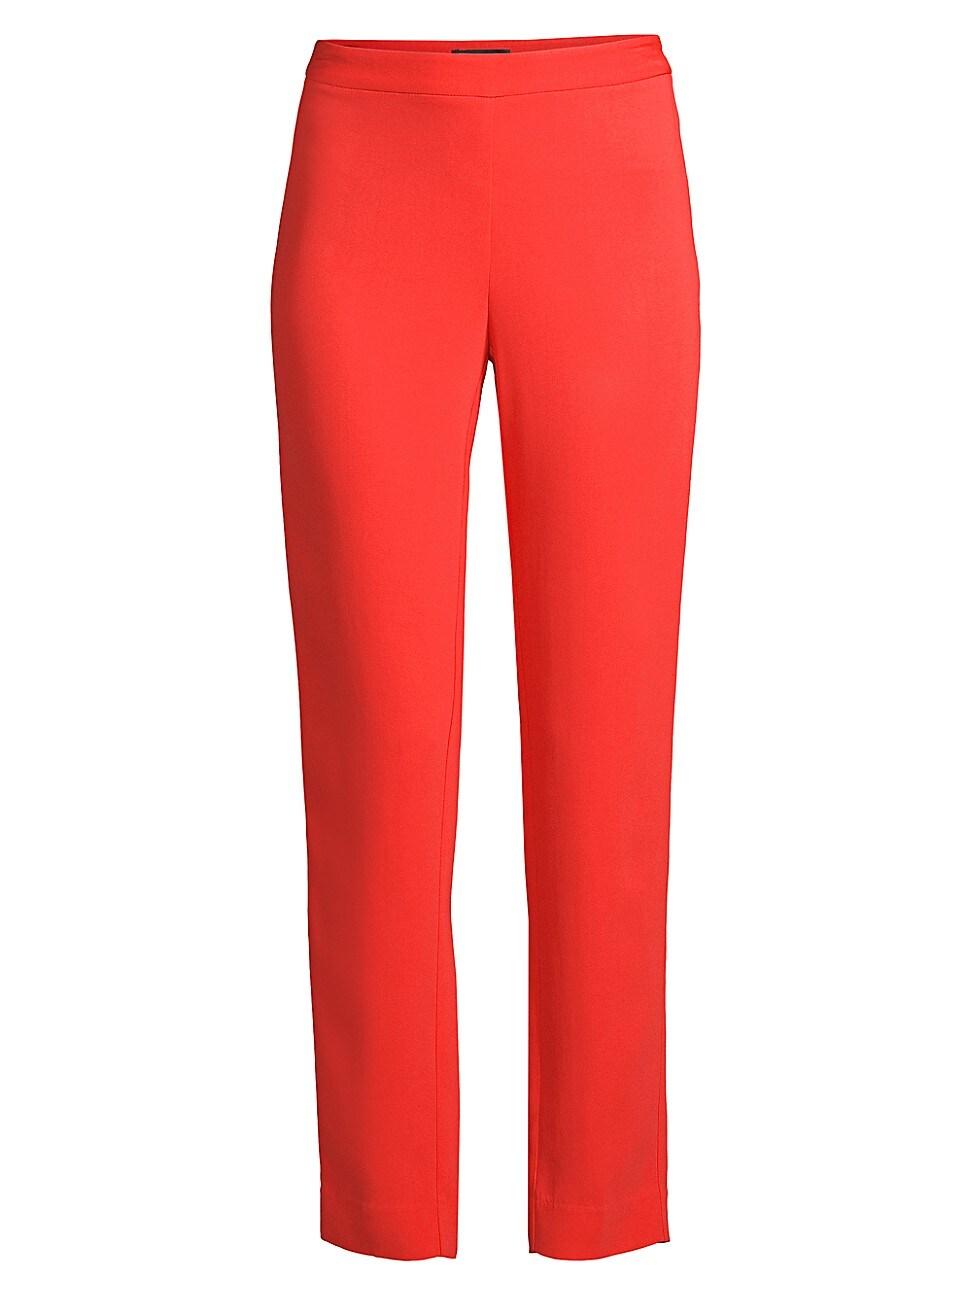 Donna Karan Women's Side Zip Trousers In Poppy